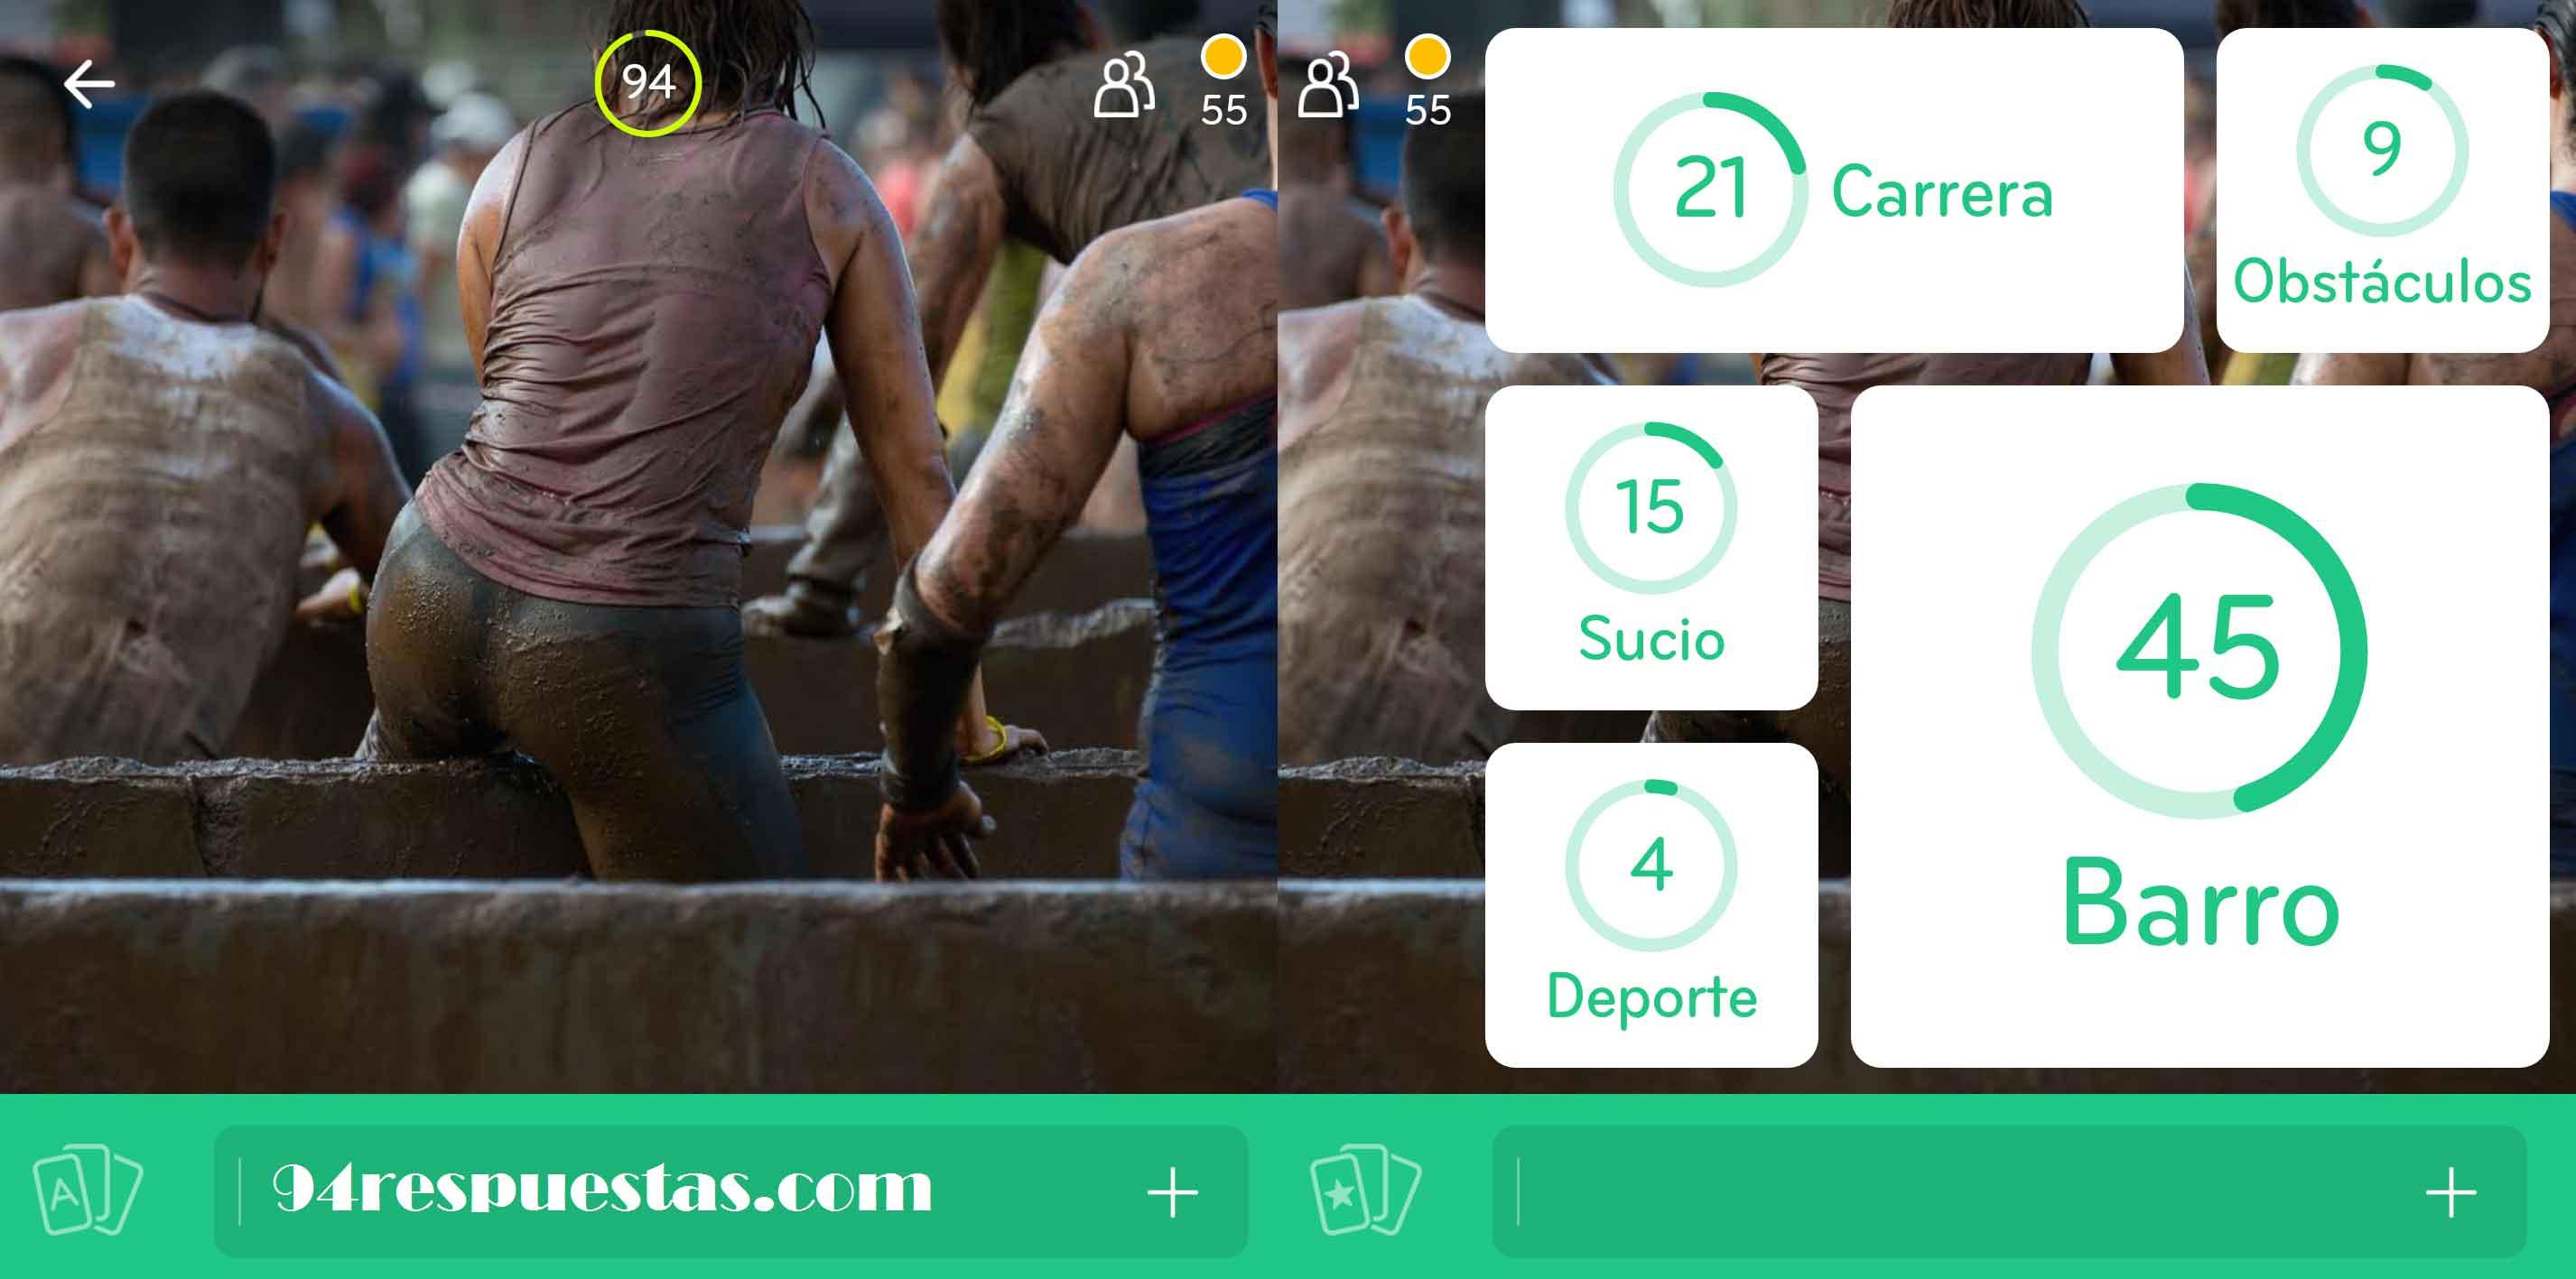 Imagen carrera barro 94 por ciento 94 respuestas for Piscina 94 respuestas